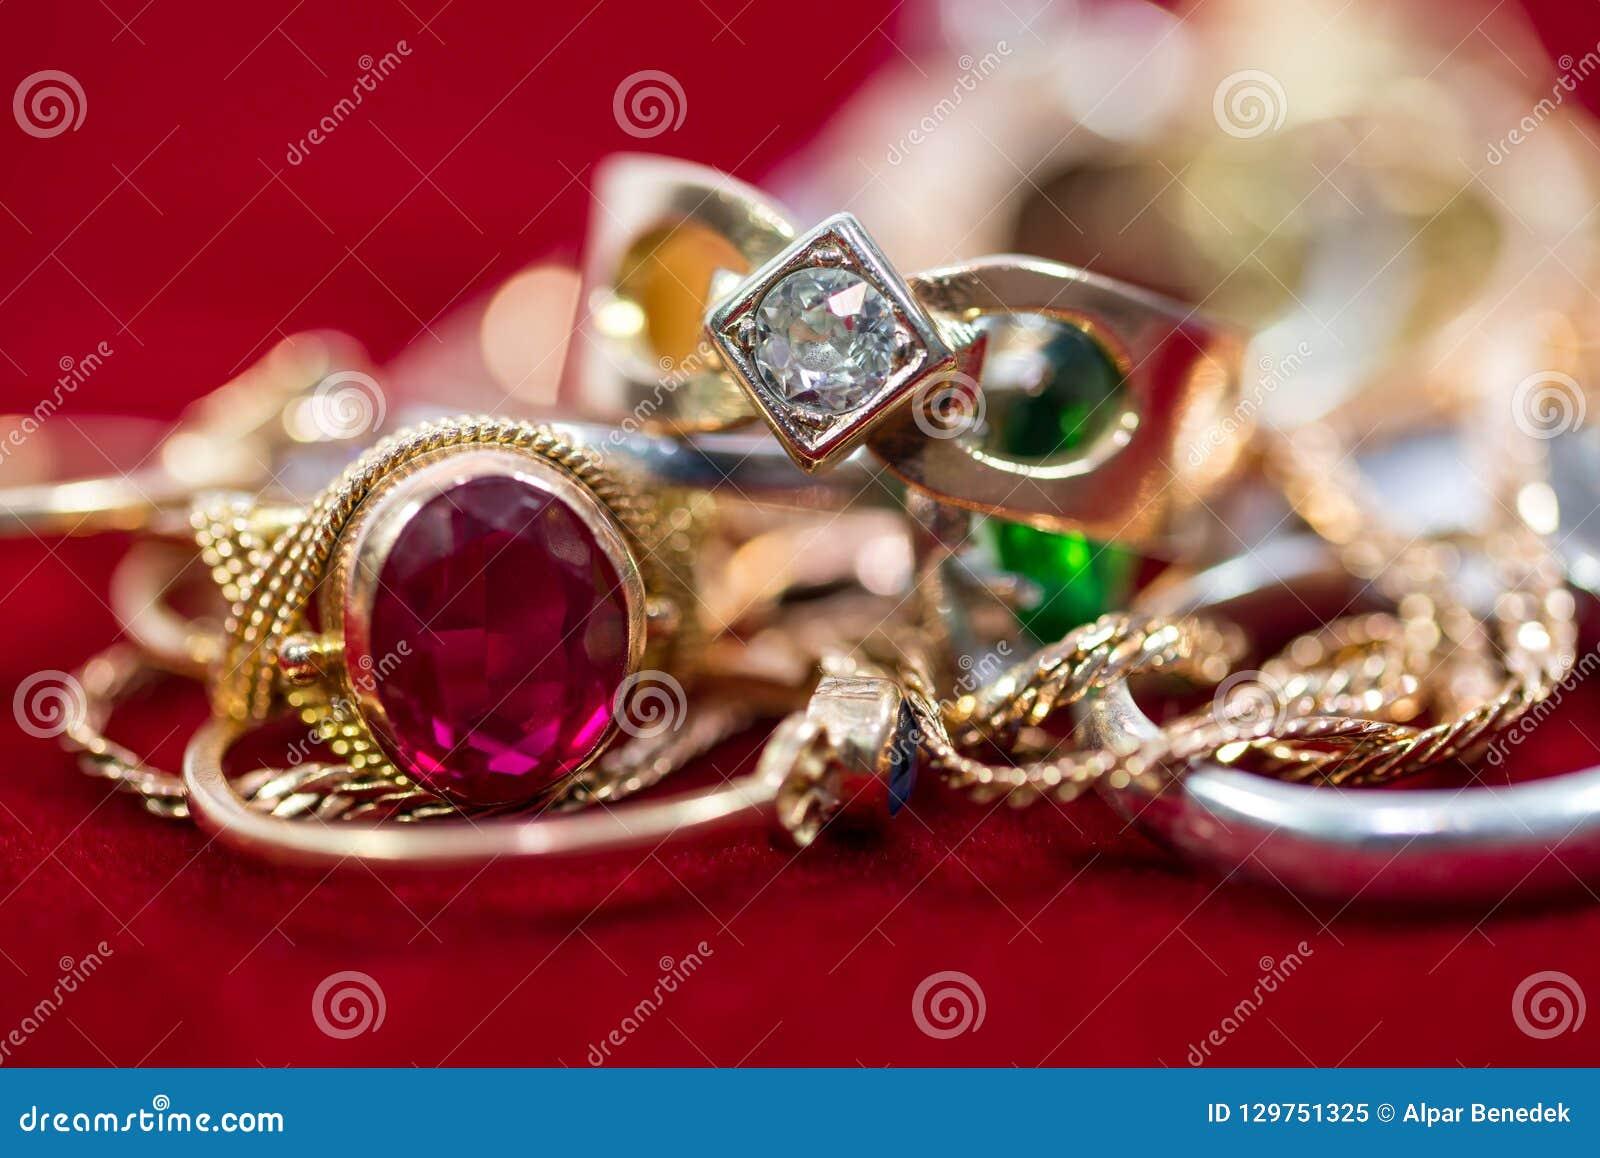 De echte gouden ringen met diamanten, gemmen, ketenen dicht omhoog geschoten